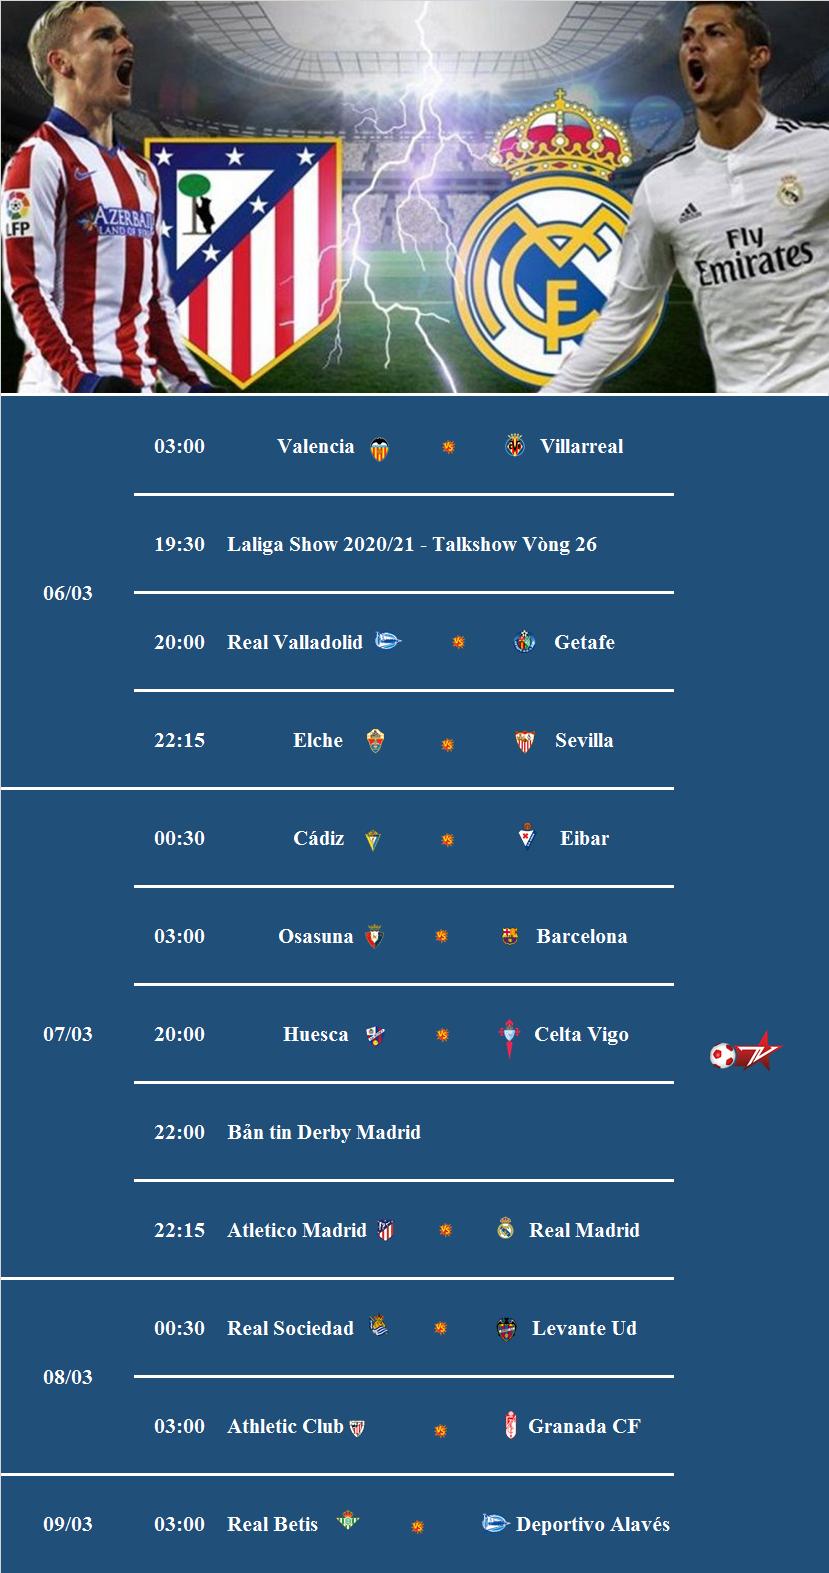 Lịch tường thuật trực tiếp La Liga Vòng 26 trên VTVCab